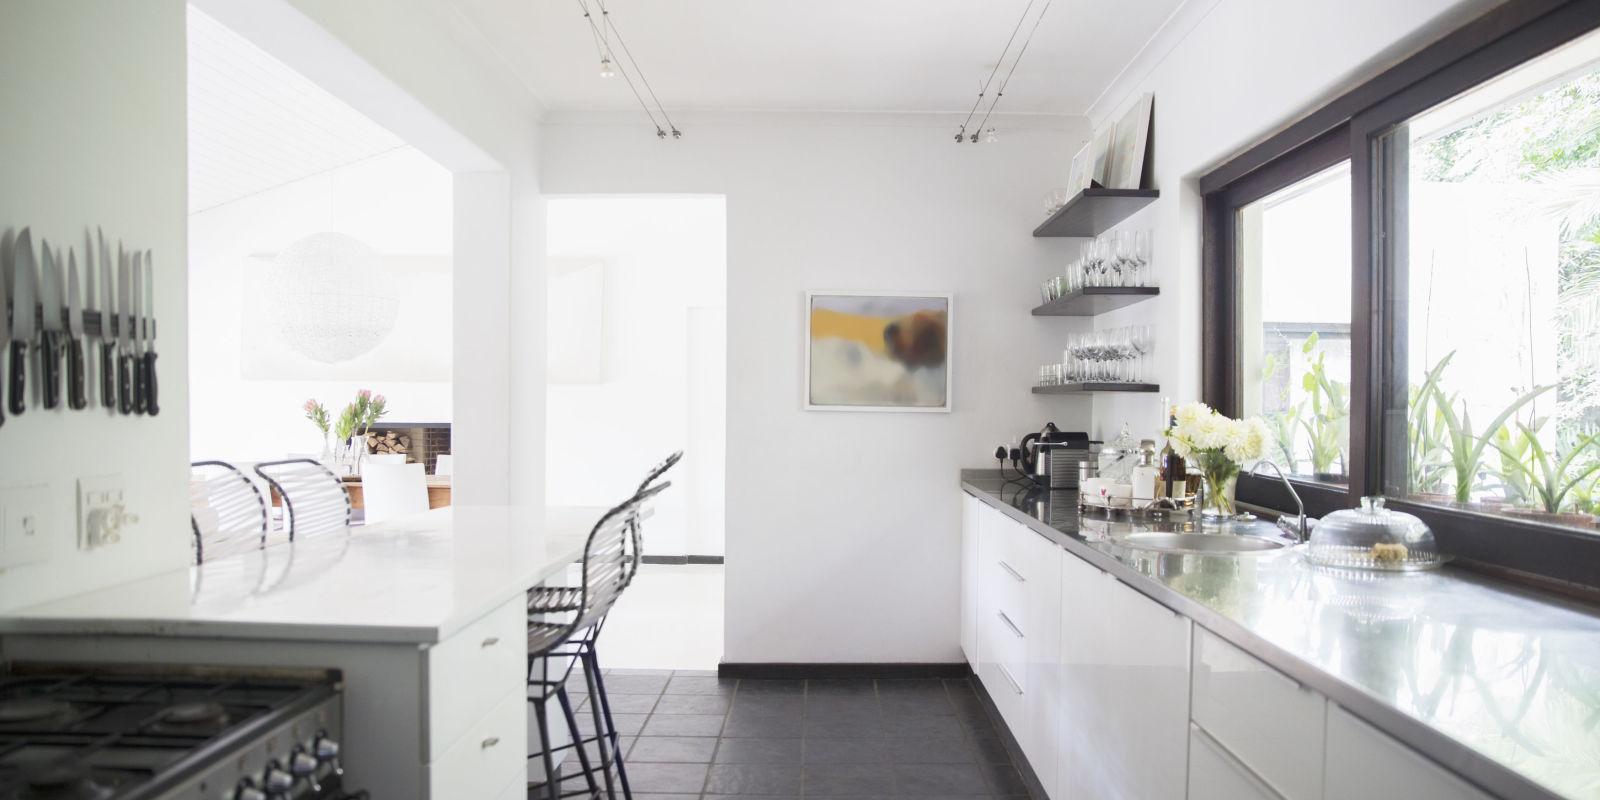 17 Galley Kitchen Design Ideas